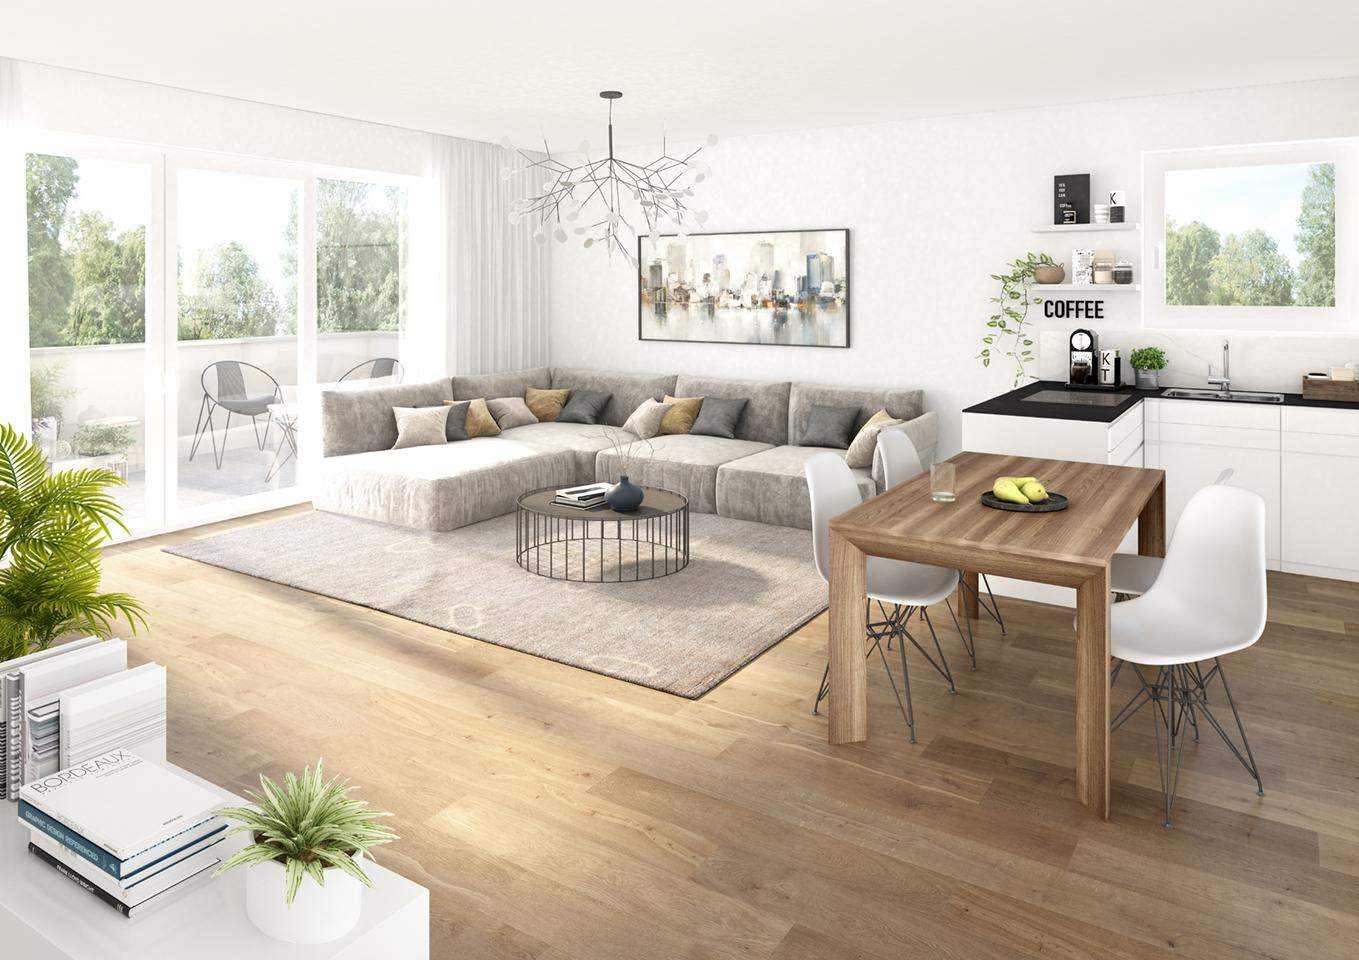 Impressionen Wohnung 1.0.04